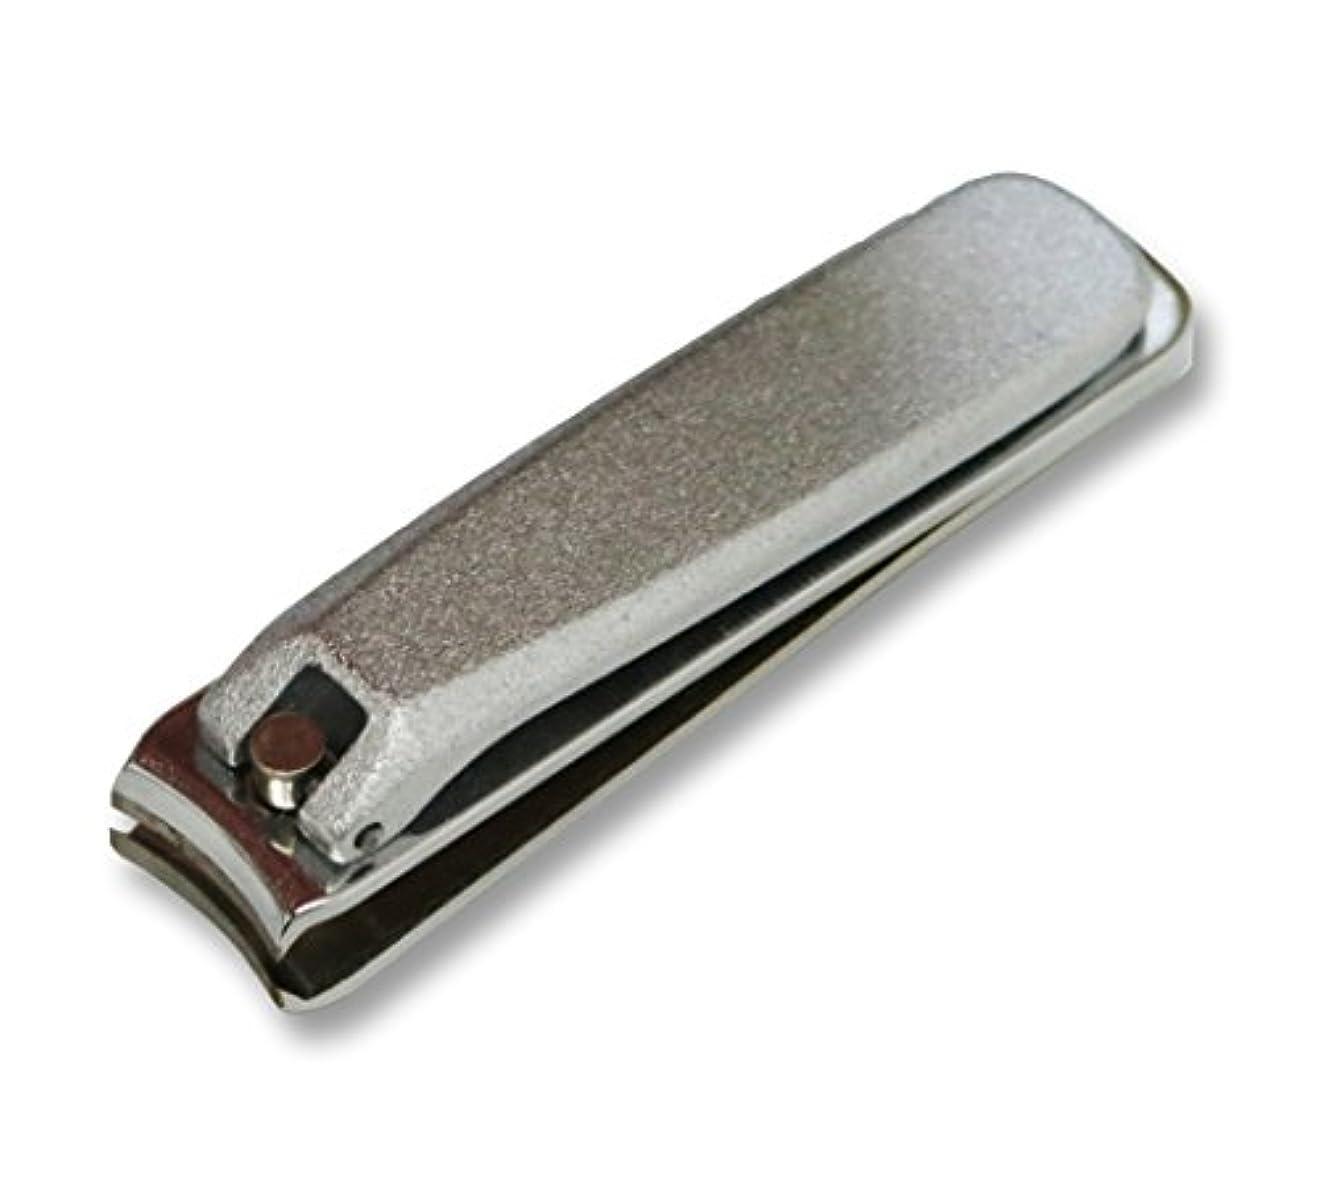 に同意するモルヒネ自治KD-021 関の刃物 クローム爪切 大 カバー無